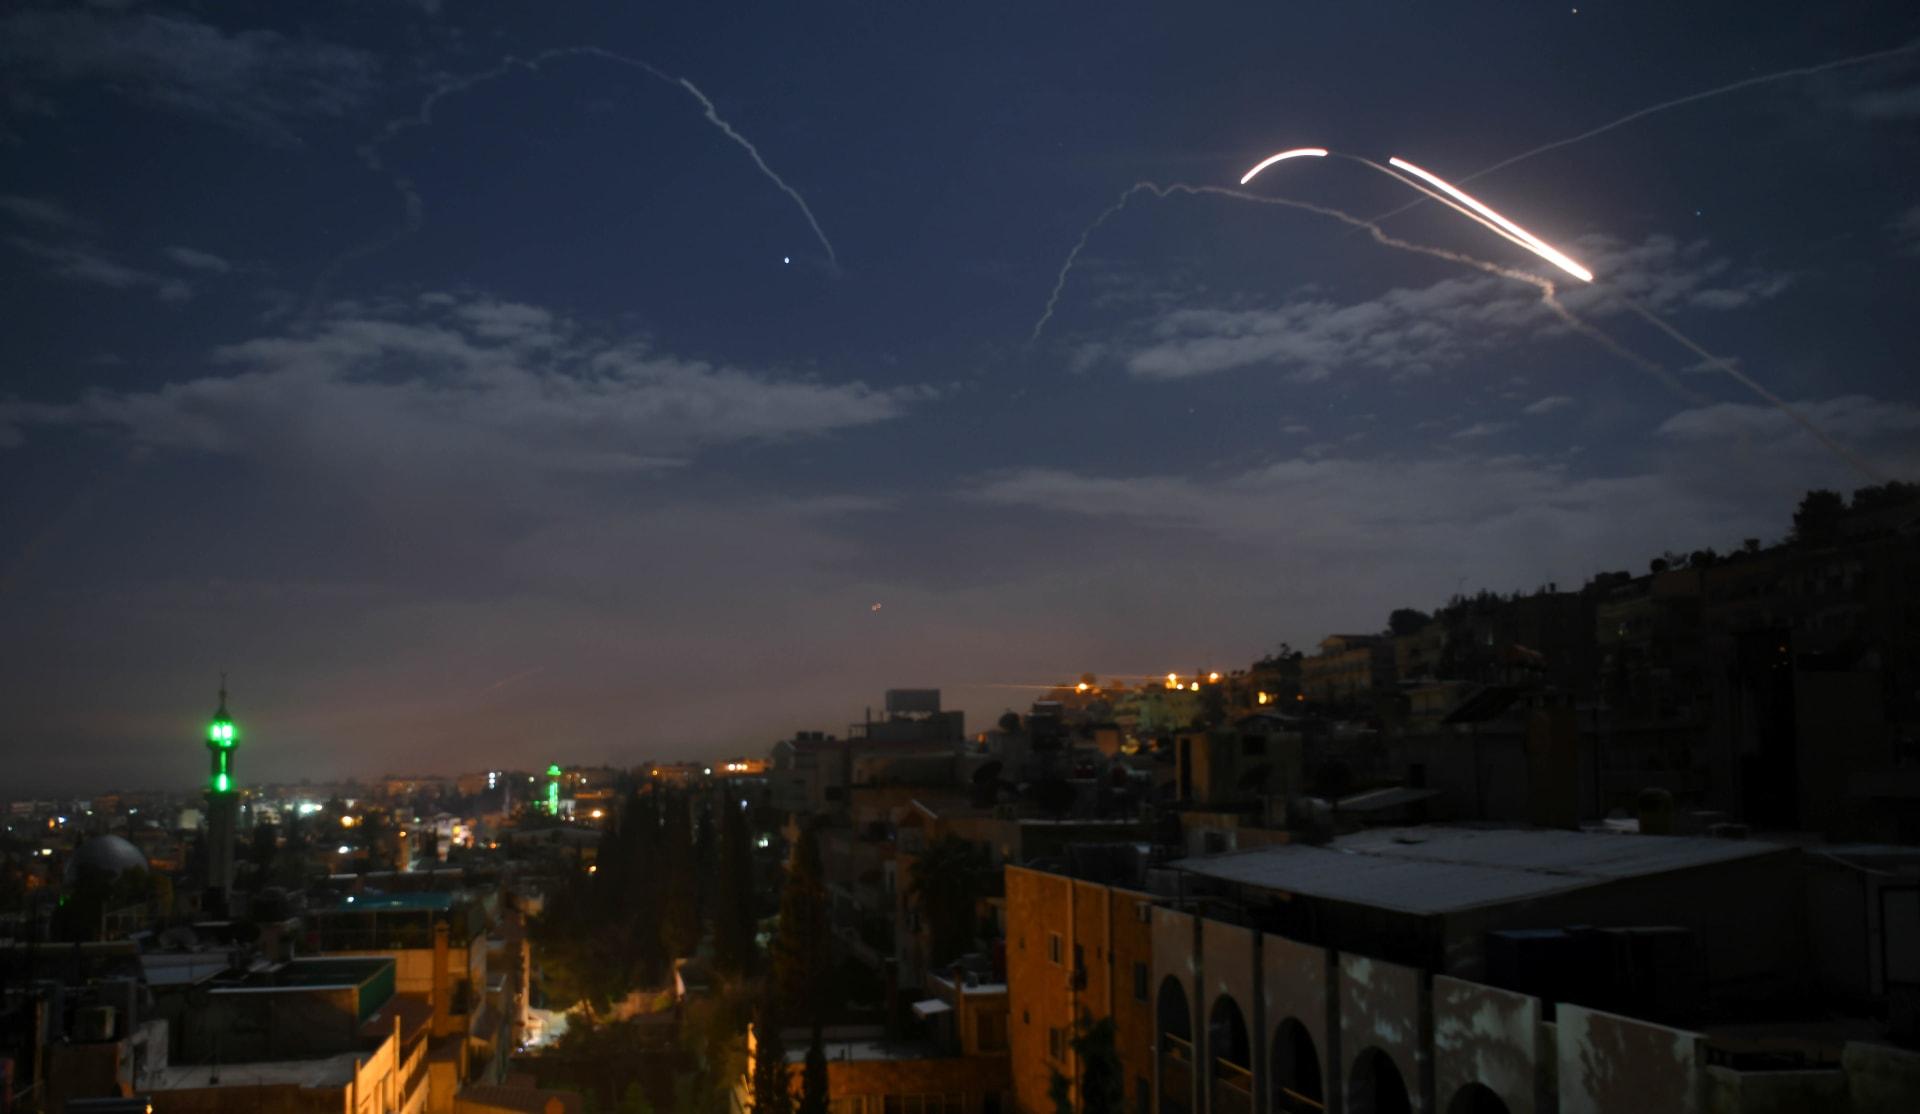 رئيس الأركان الإيراني: إسرائيل تظن أن بإمكانها استهداف سوريا بشكل متواصل دون رد